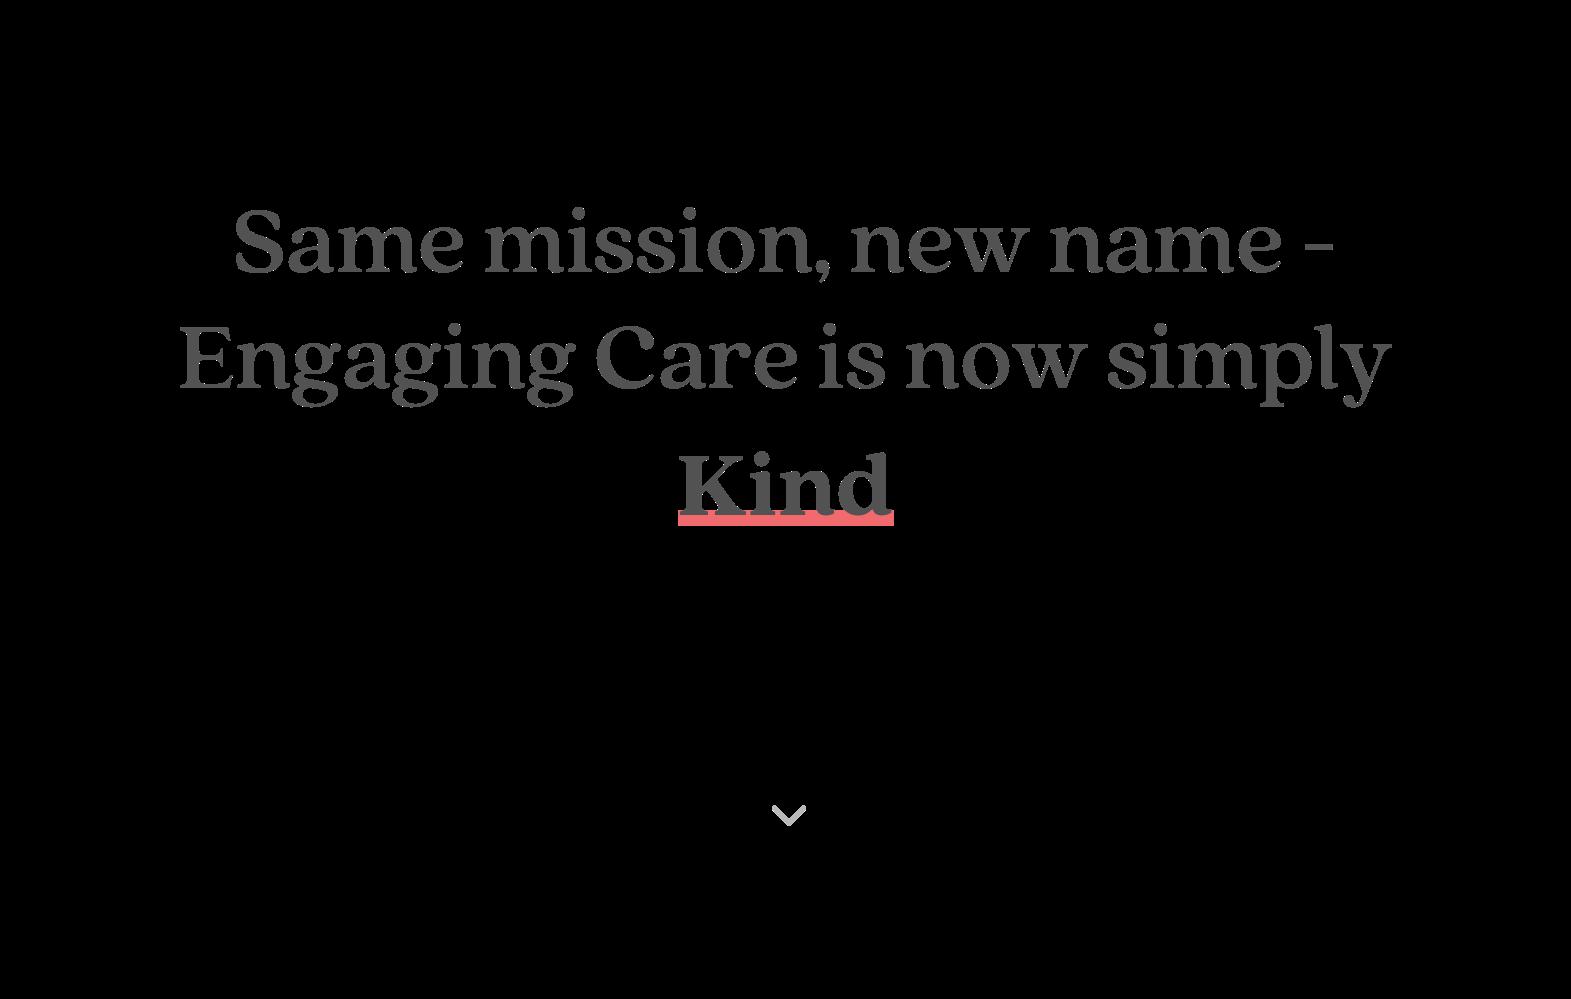 kind-banner-2.png